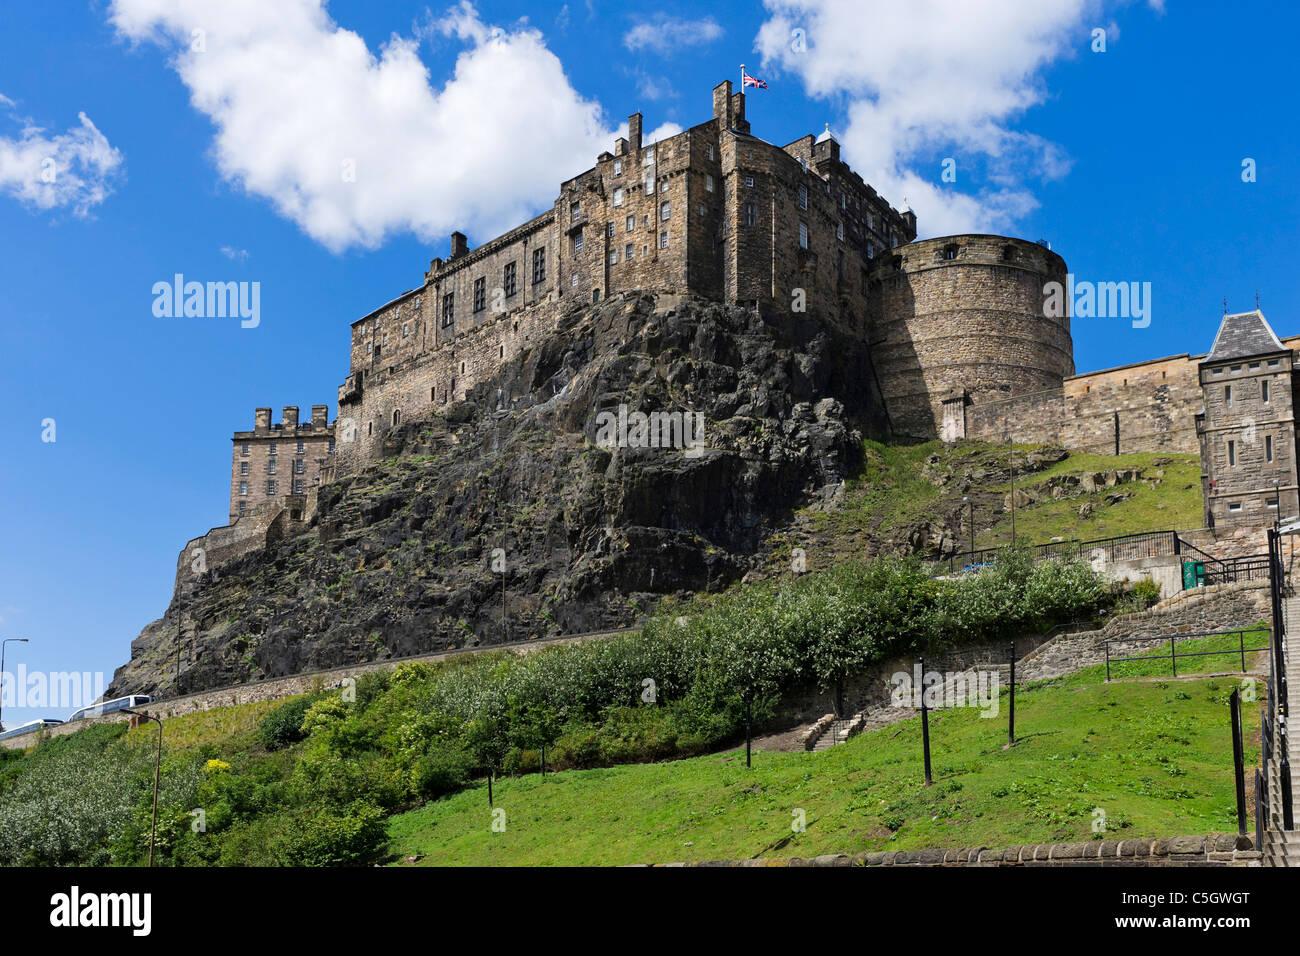 Le Château d'Édimbourg vue de Grassmarket, Vieille Ville, Édimbourg, Écosse, Royaume-Uni Photo Stock